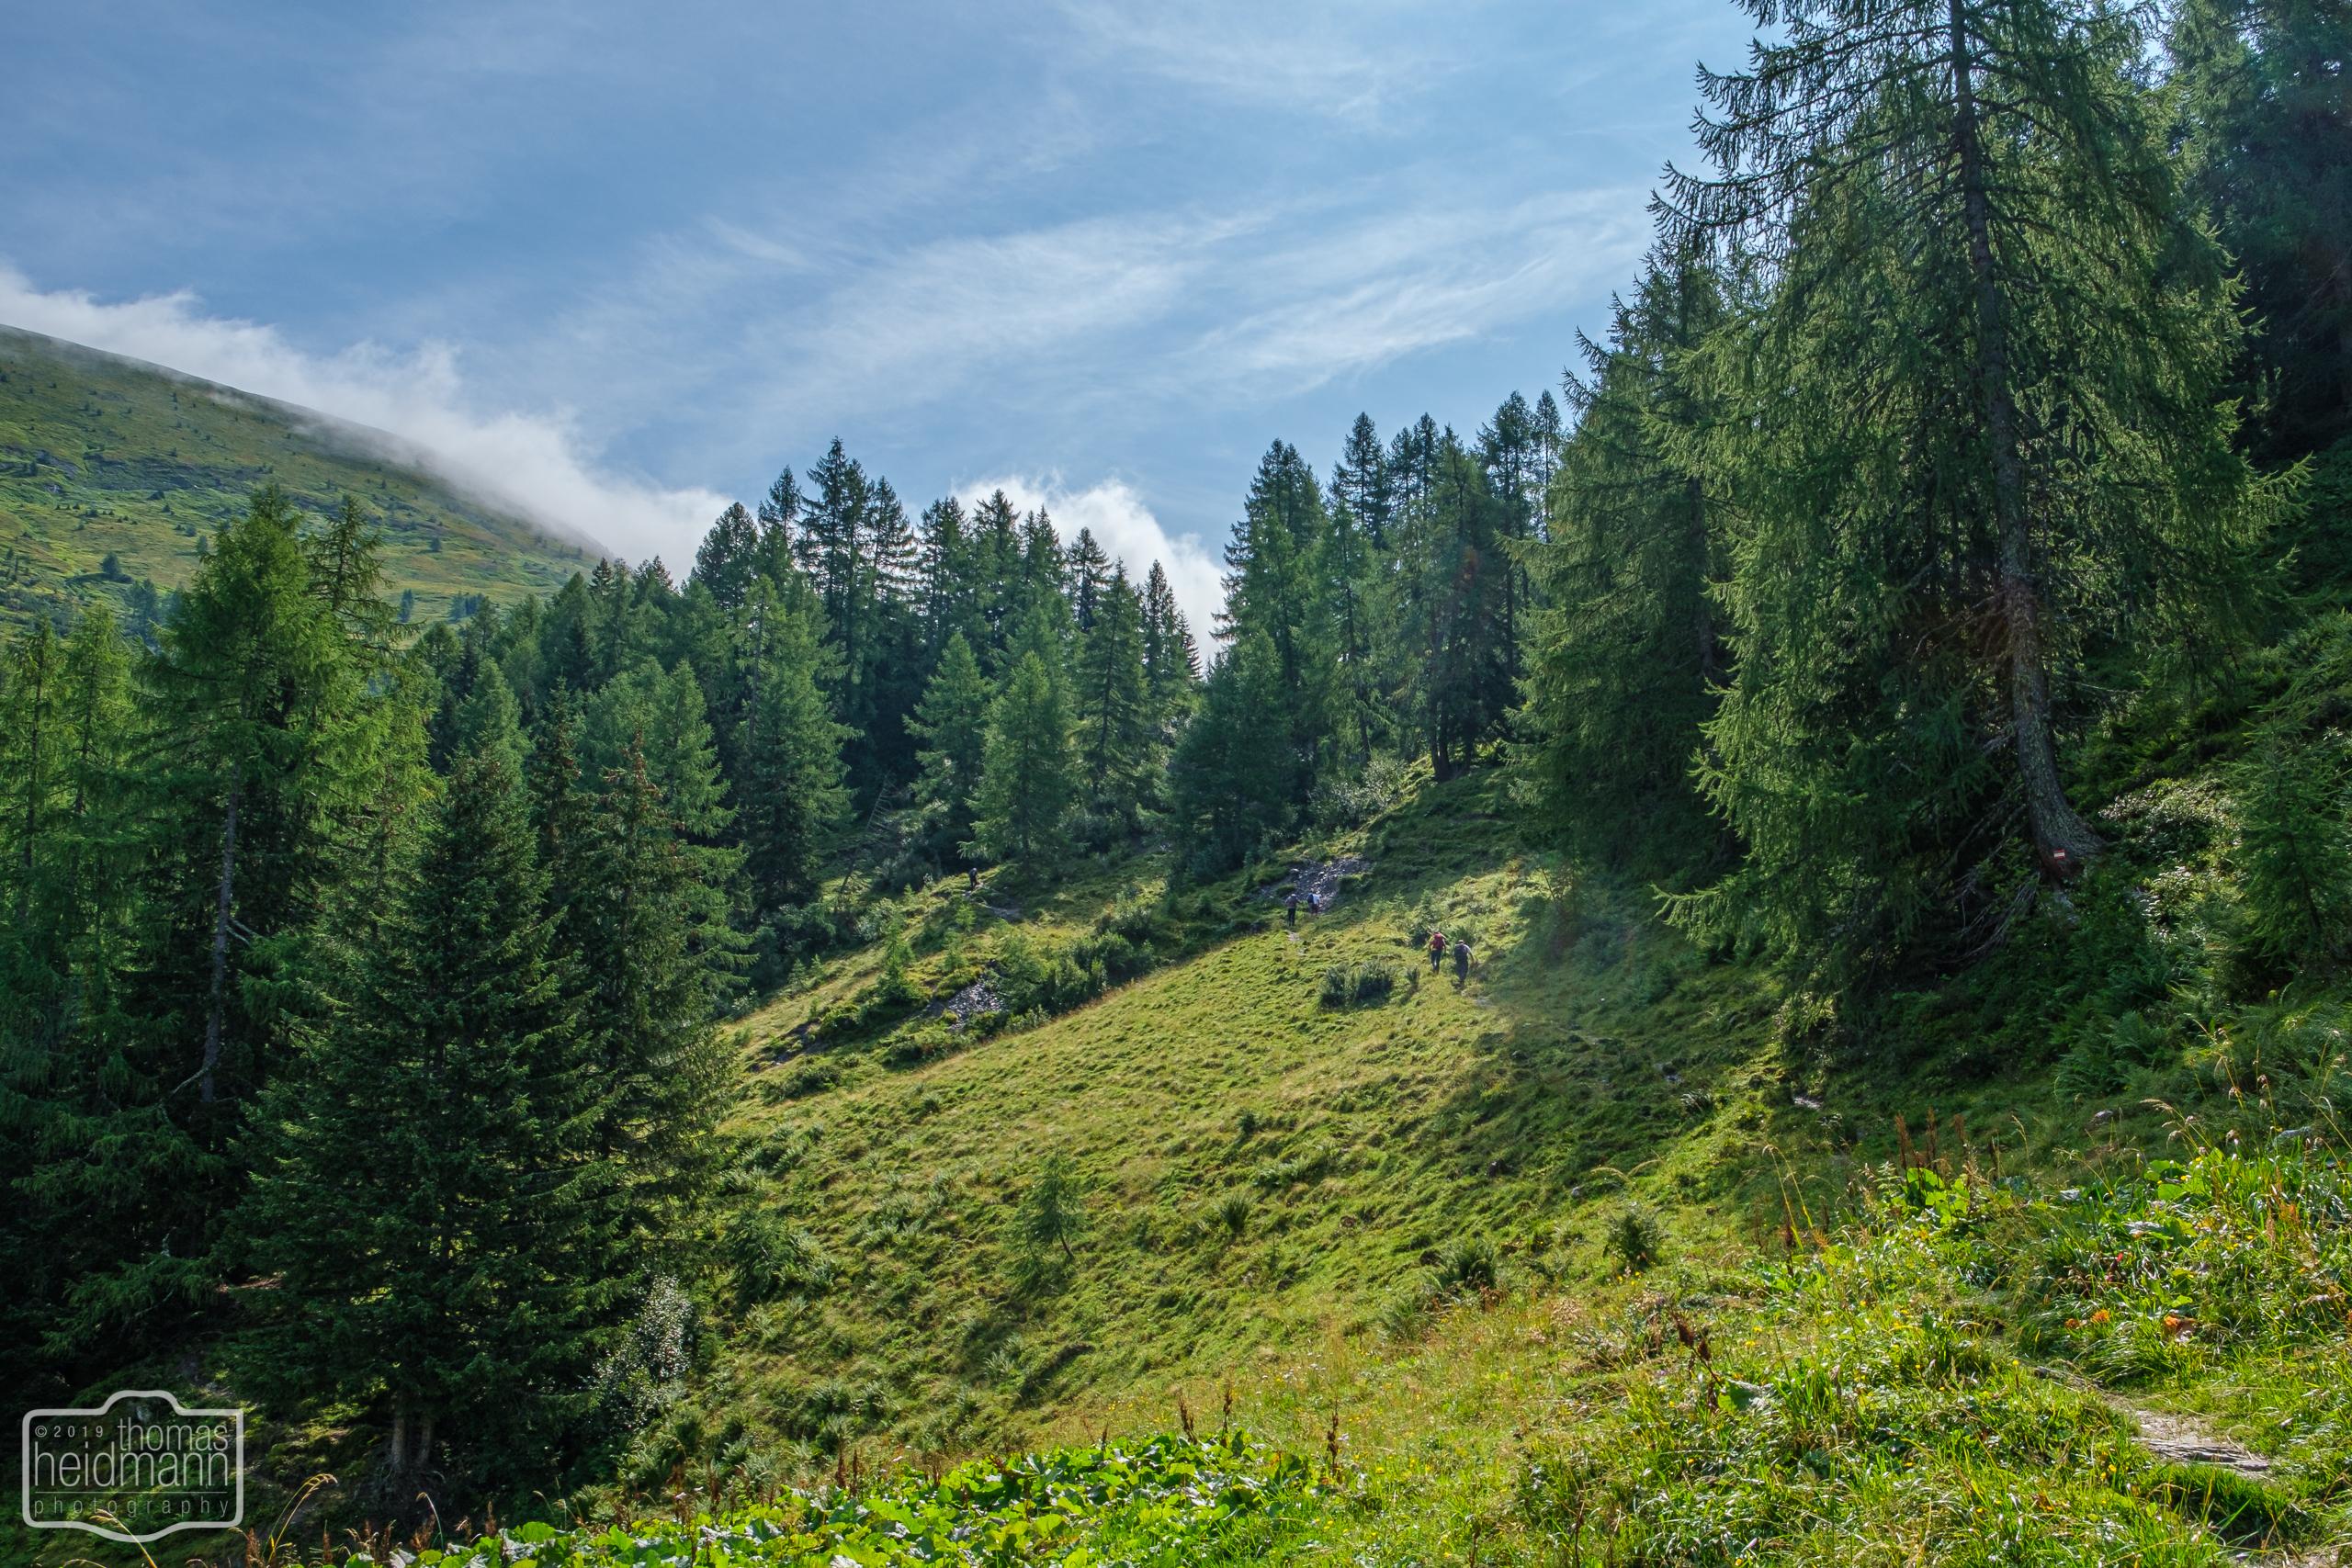 Gratwanderung - Der Wanderweg